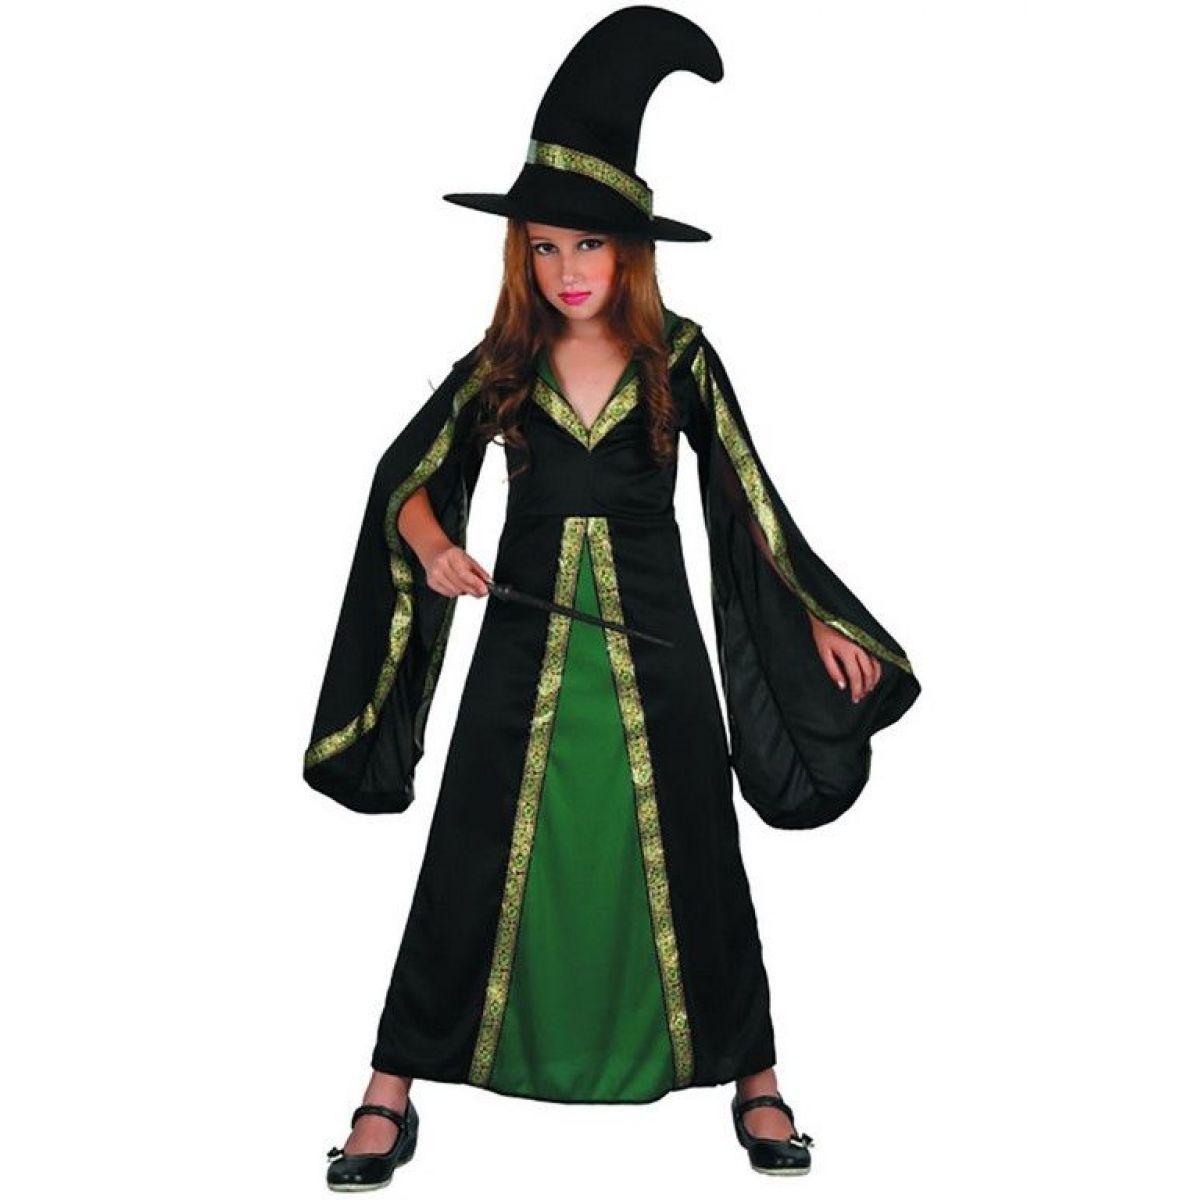 Made Dětské šaty na karneval čarodějka 120 - 130 cm